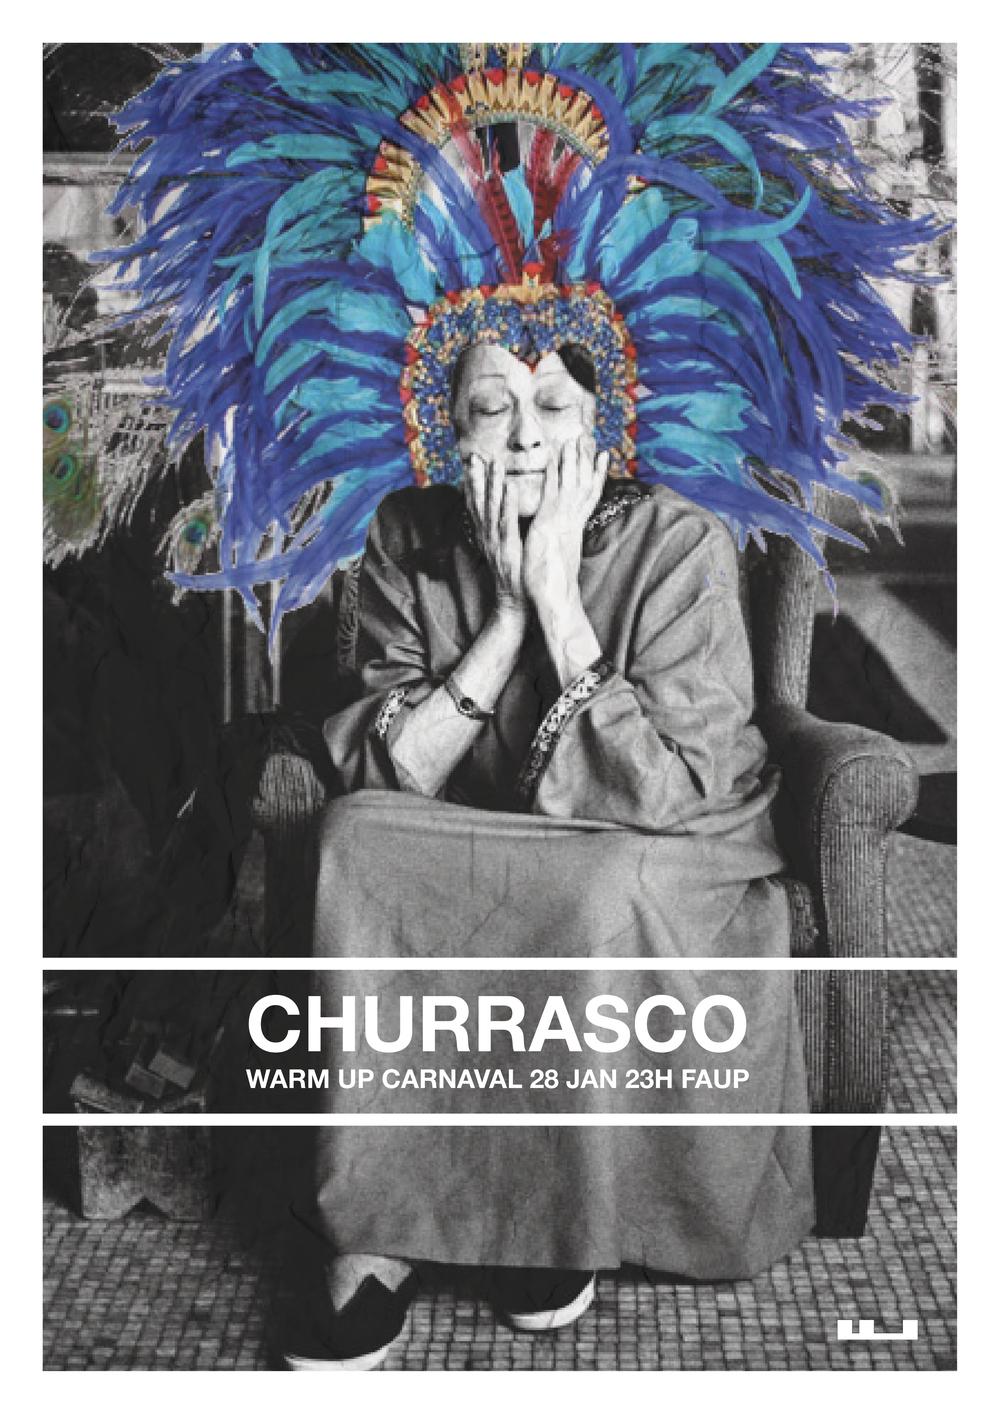 Churrasco Carnaval 2016